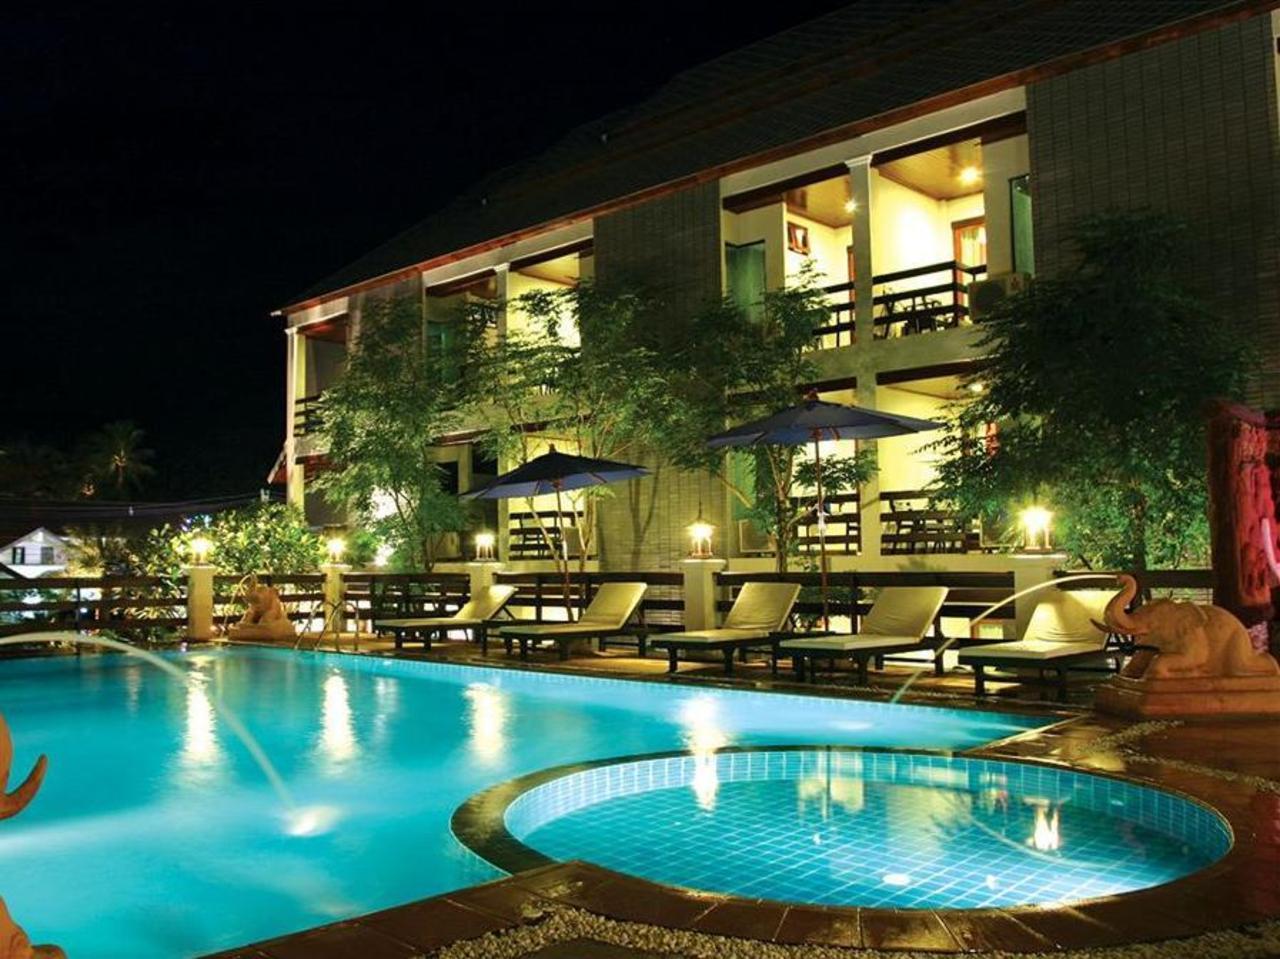 โรงแรมสมุย ซีบรีซ เพลส (Samui Seabreeze Place)